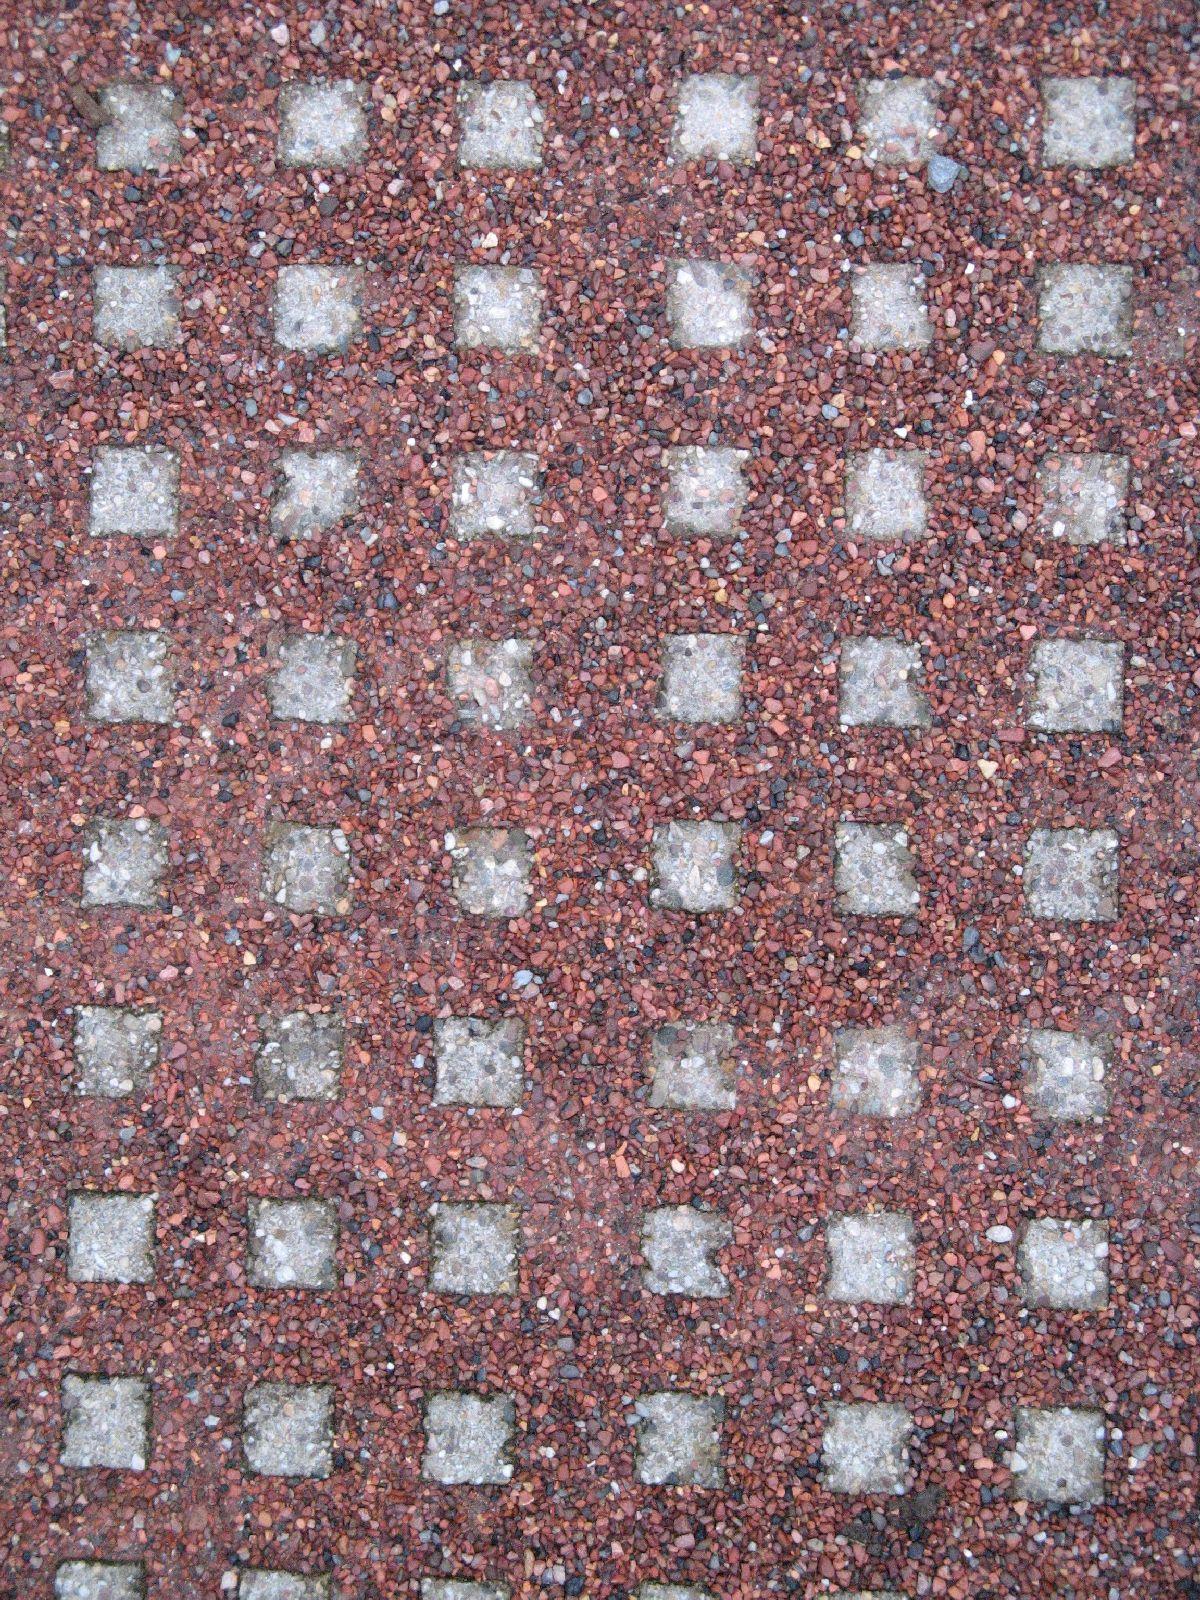 Ground-Urban_Texture_B_02283